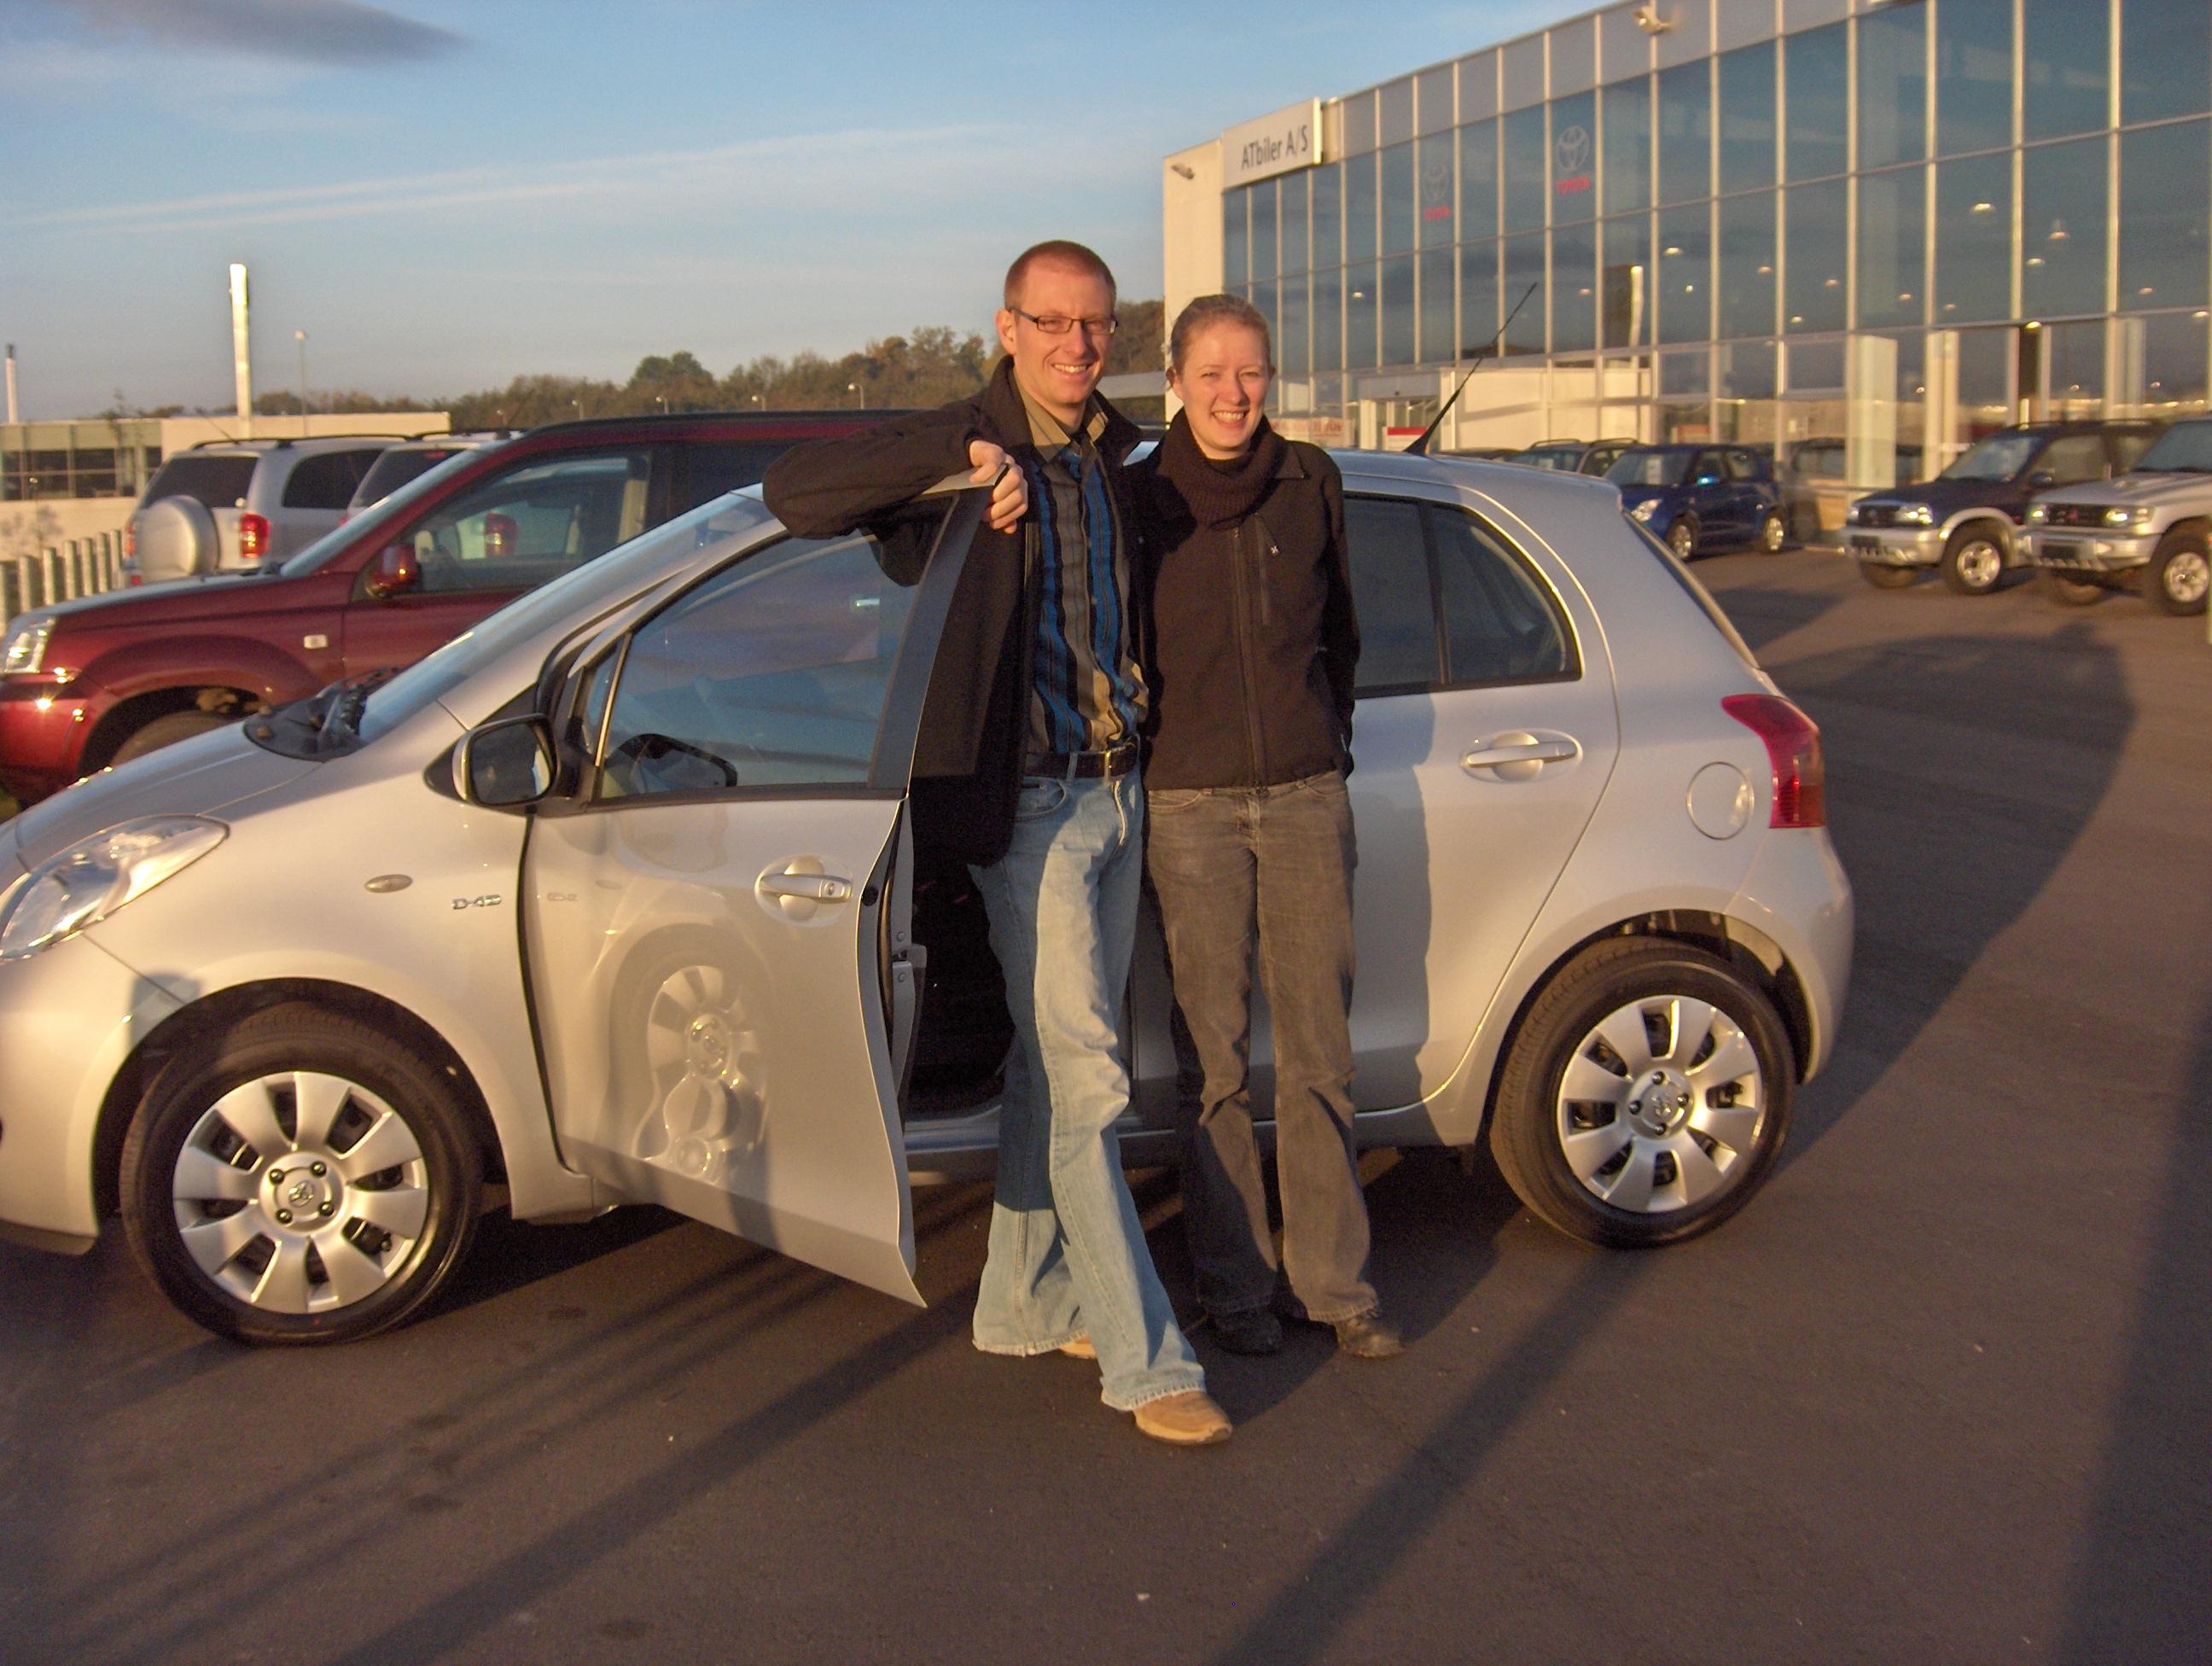 Janne og Mikael med deres nye bil i efteråret 2007